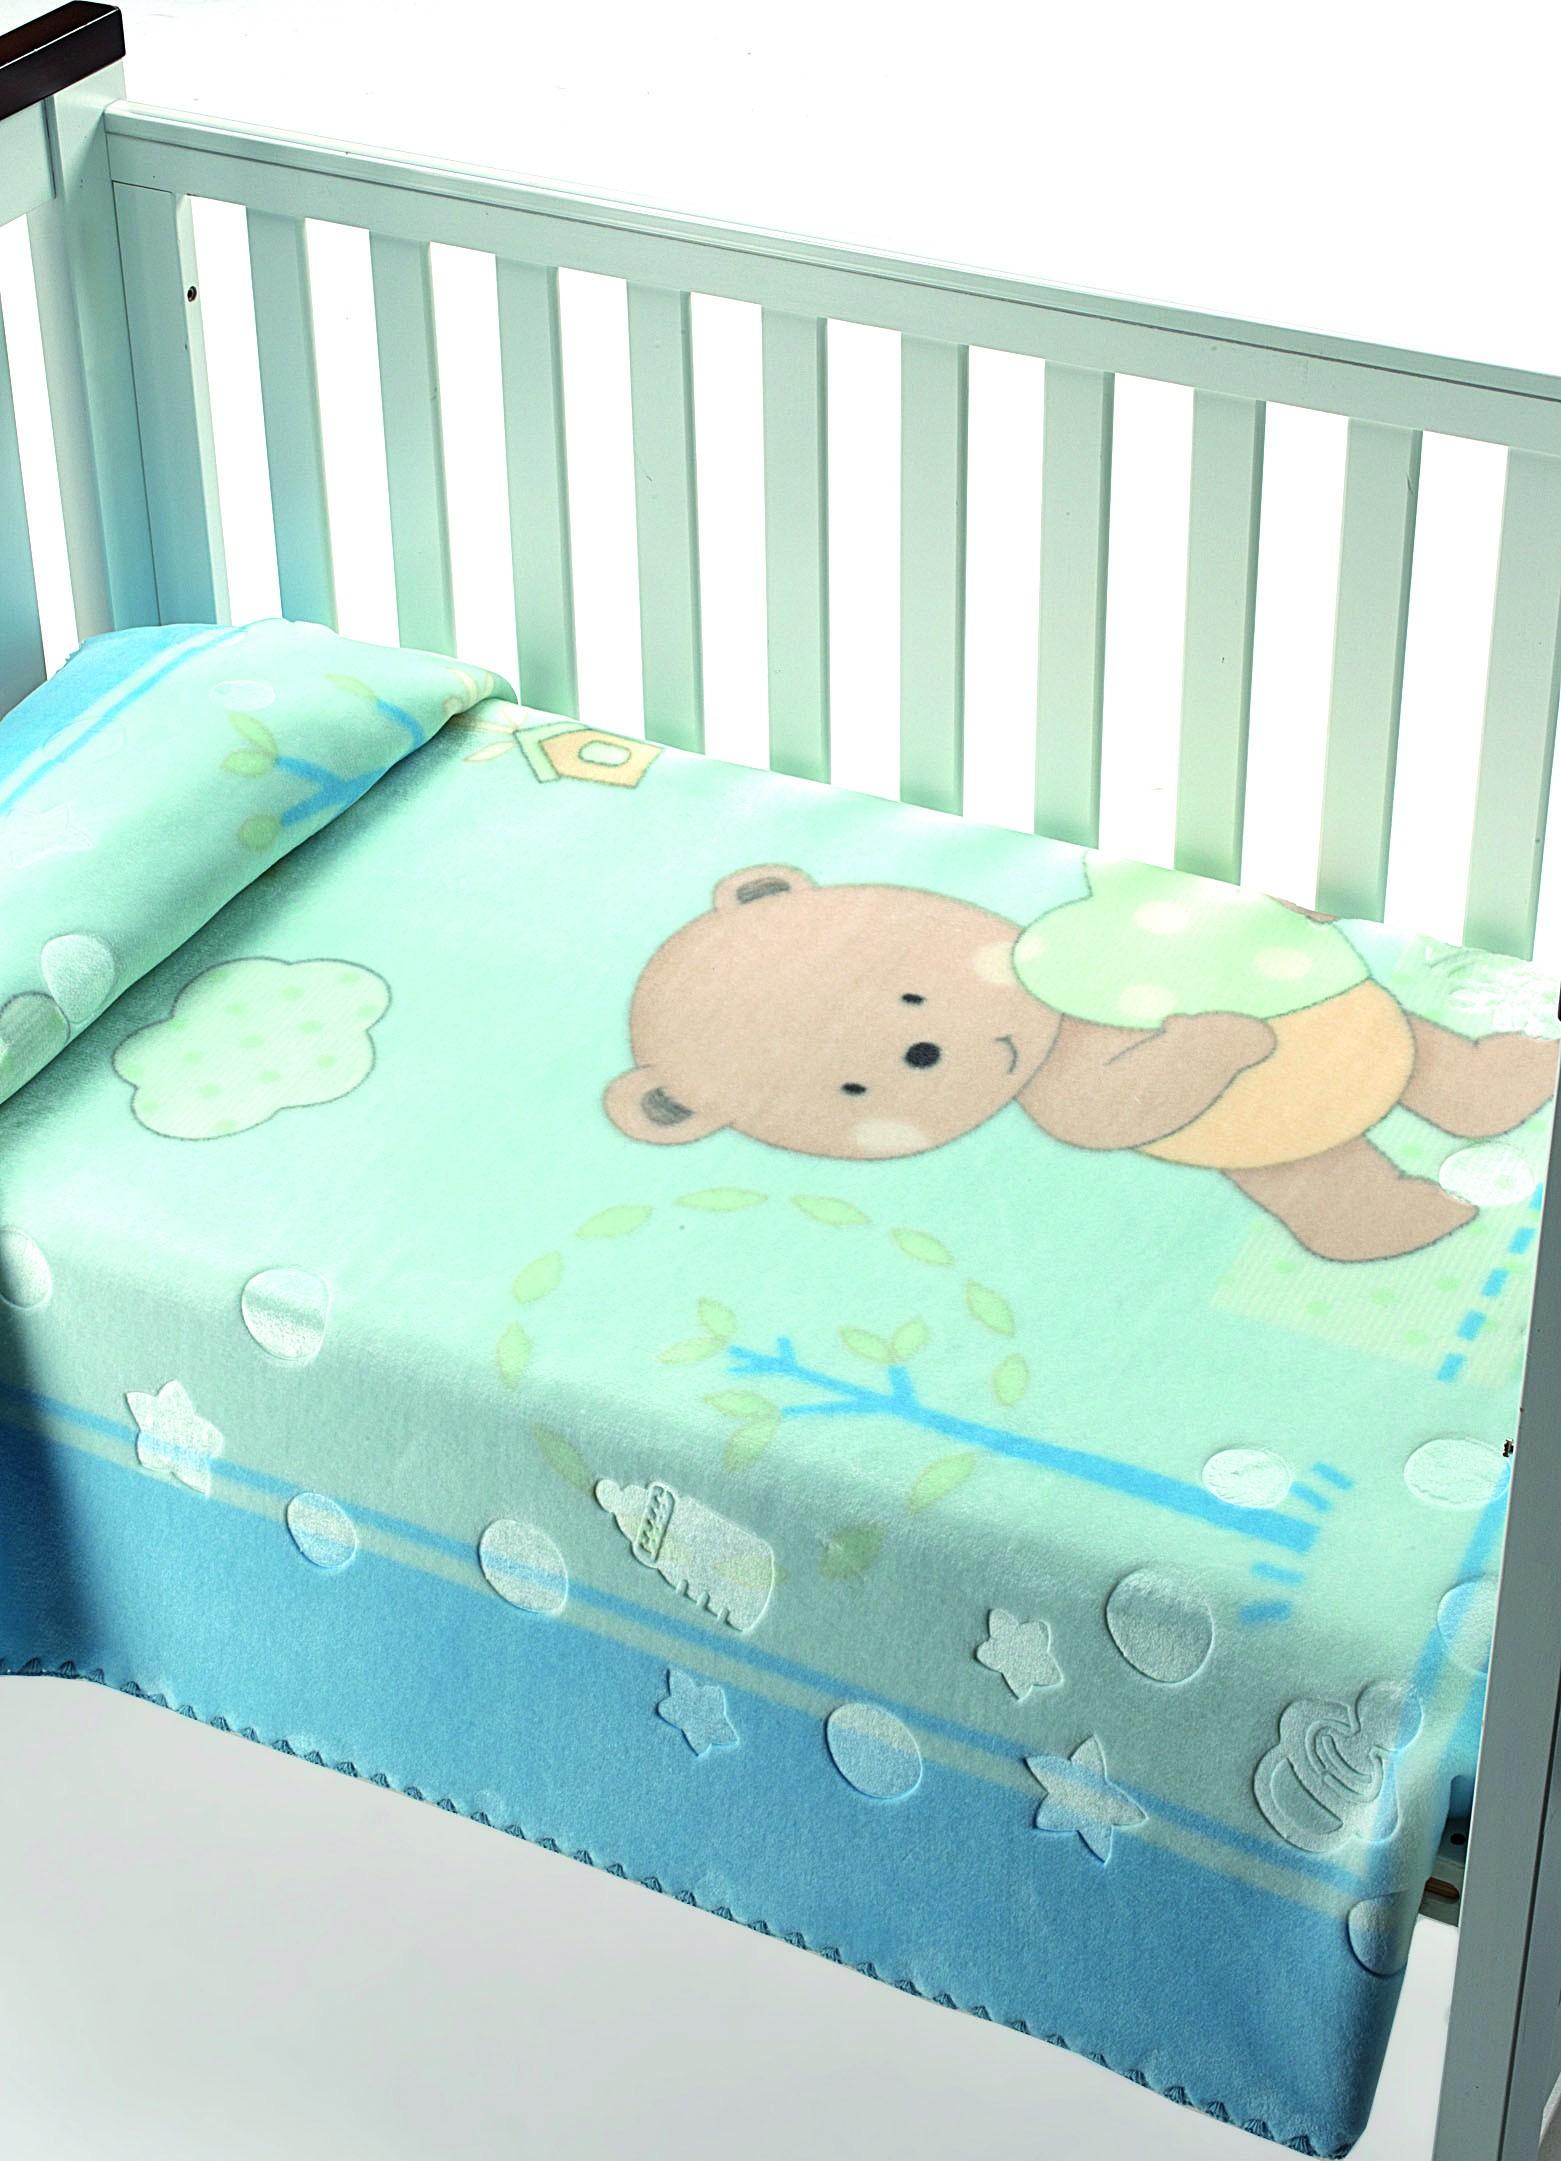 Κουβέρτα Βελουτέ Κούνιας Morven Luxury Plus 826 Σιέλ